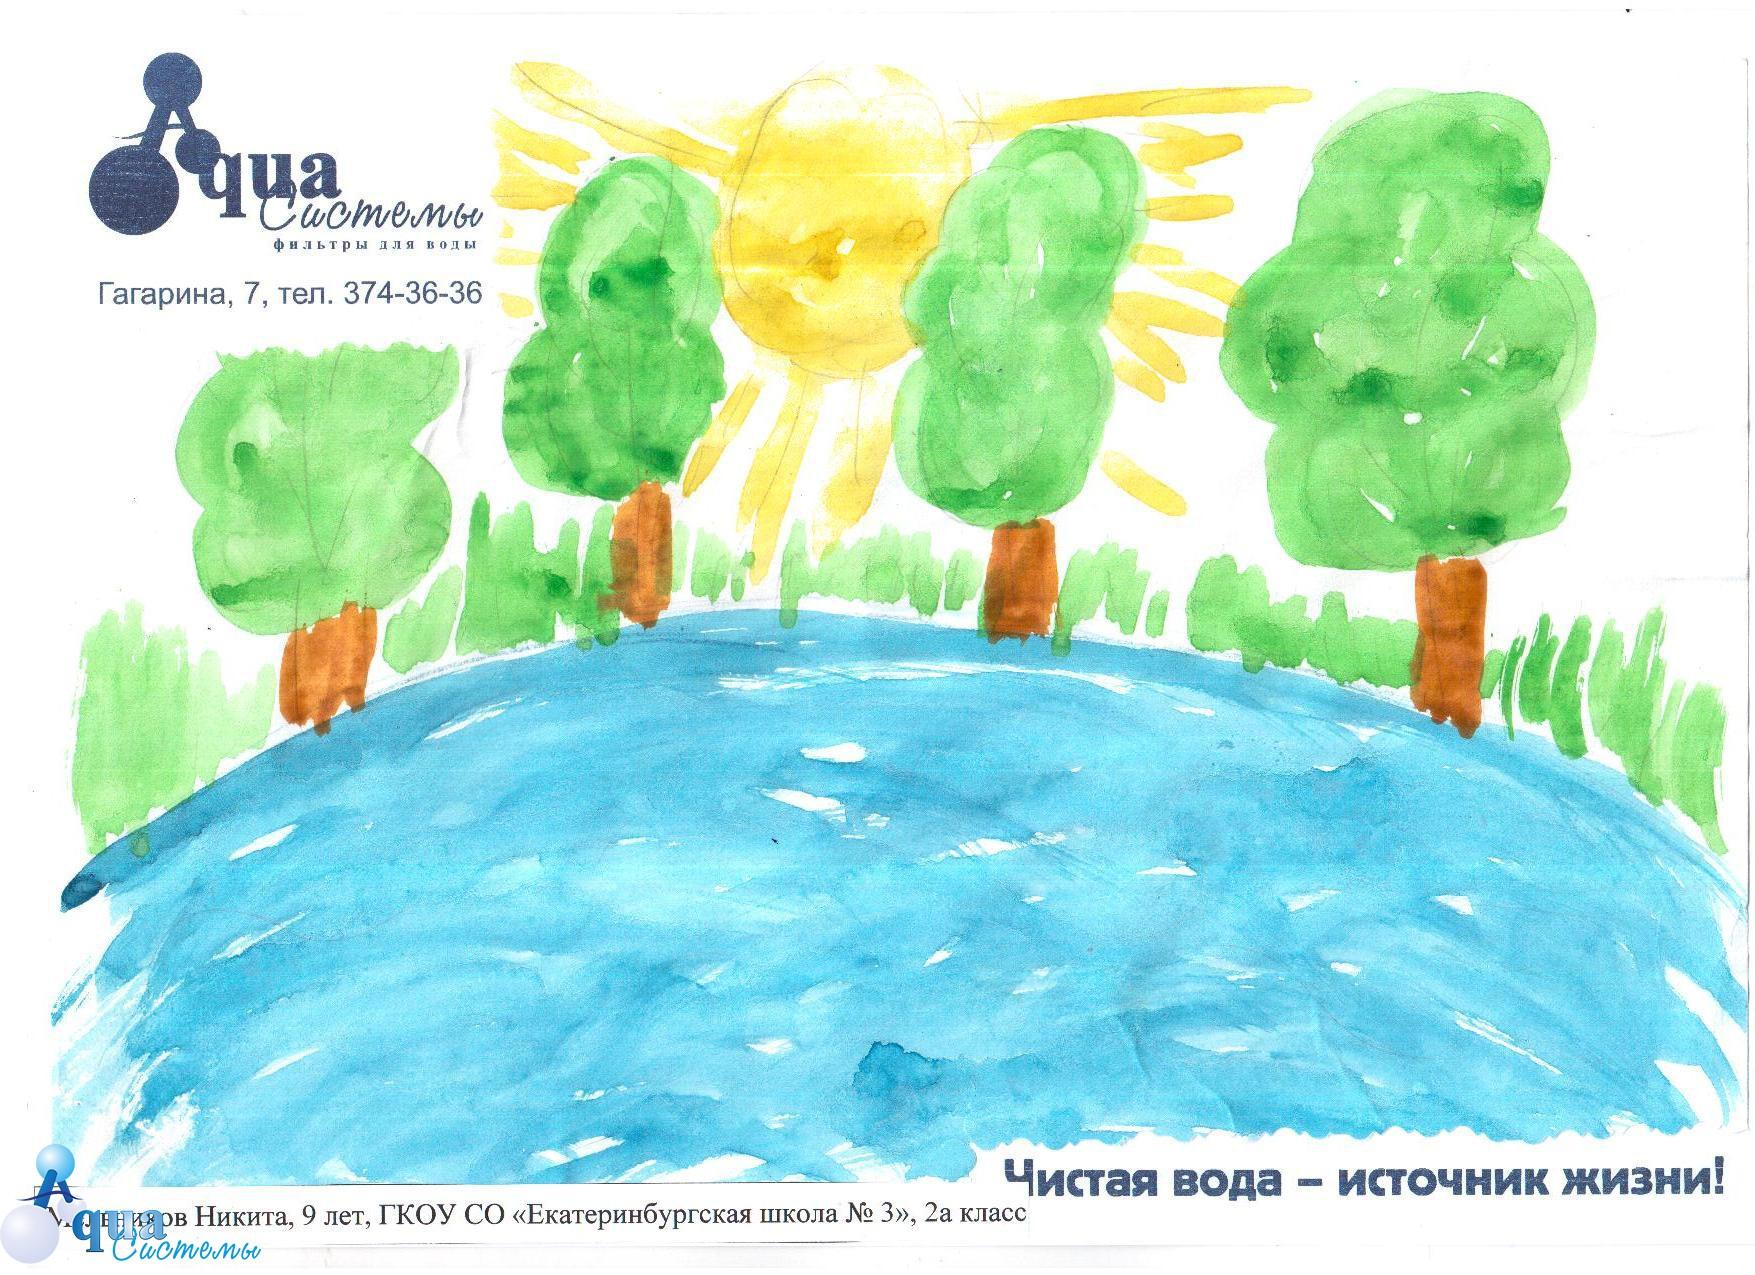 Конкурс рисунков вода для жизни